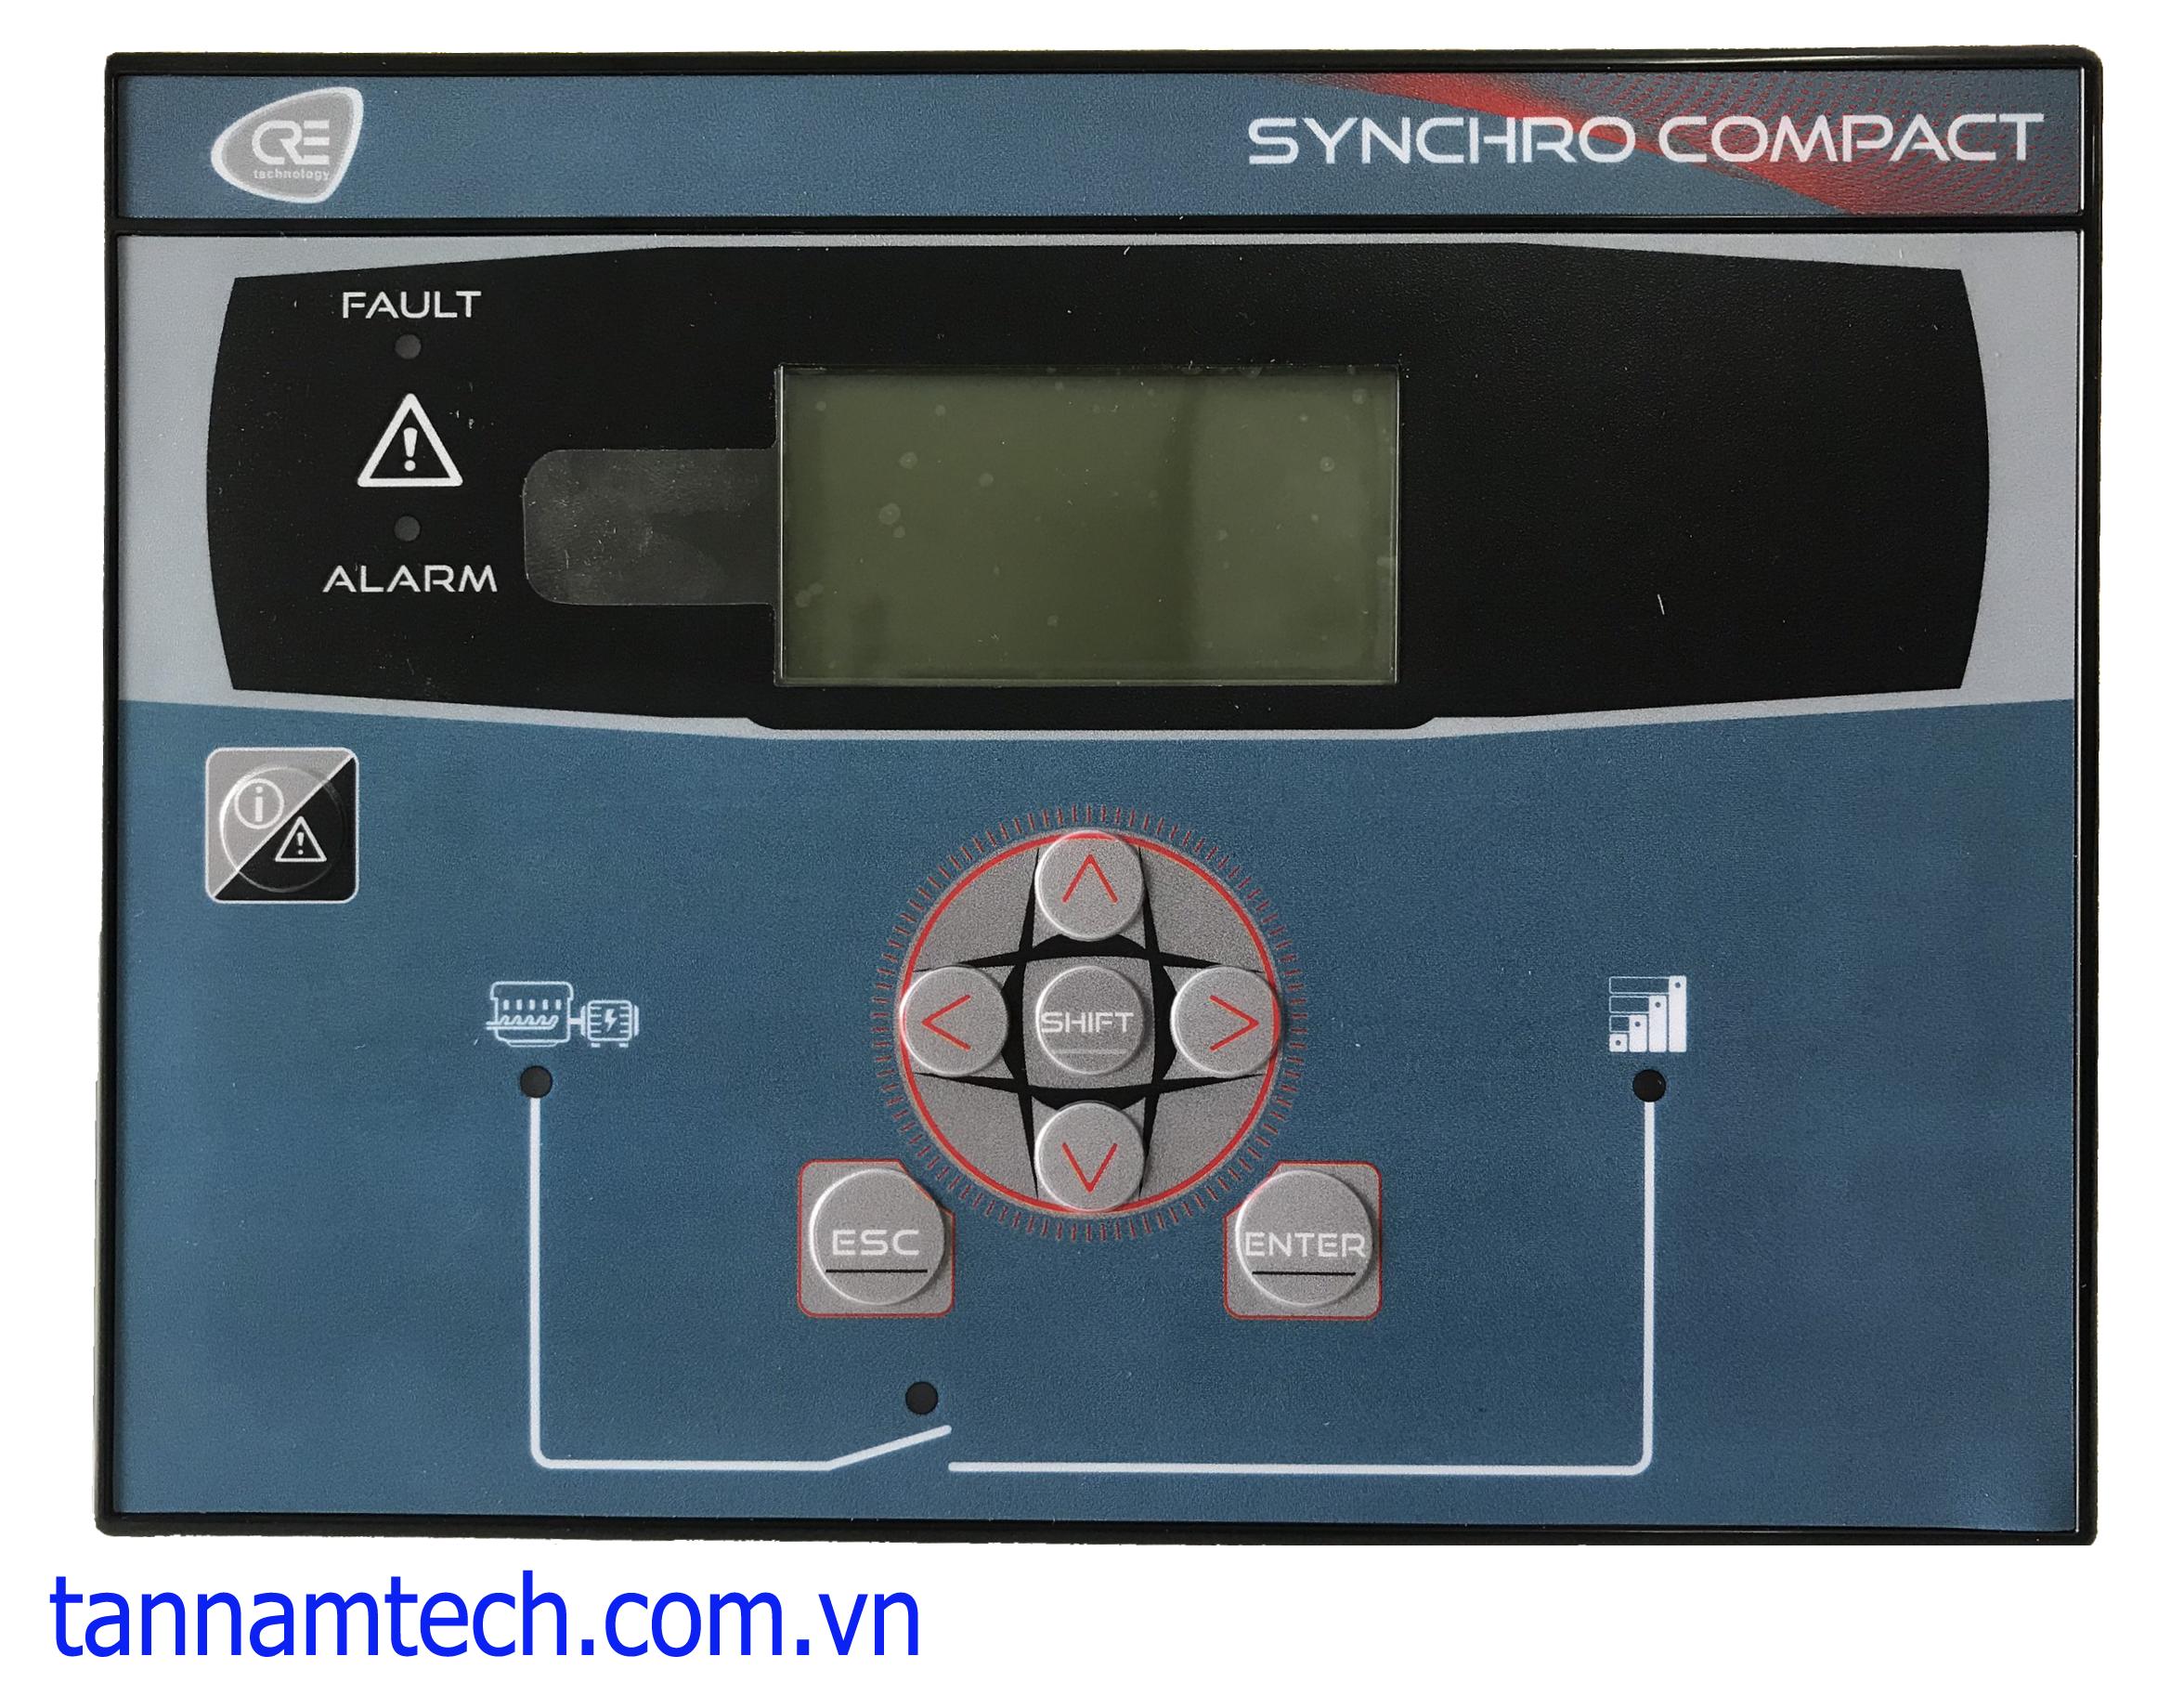 Bộ hoà đồng bộ tự động SYNCHRO COMPACT HMI